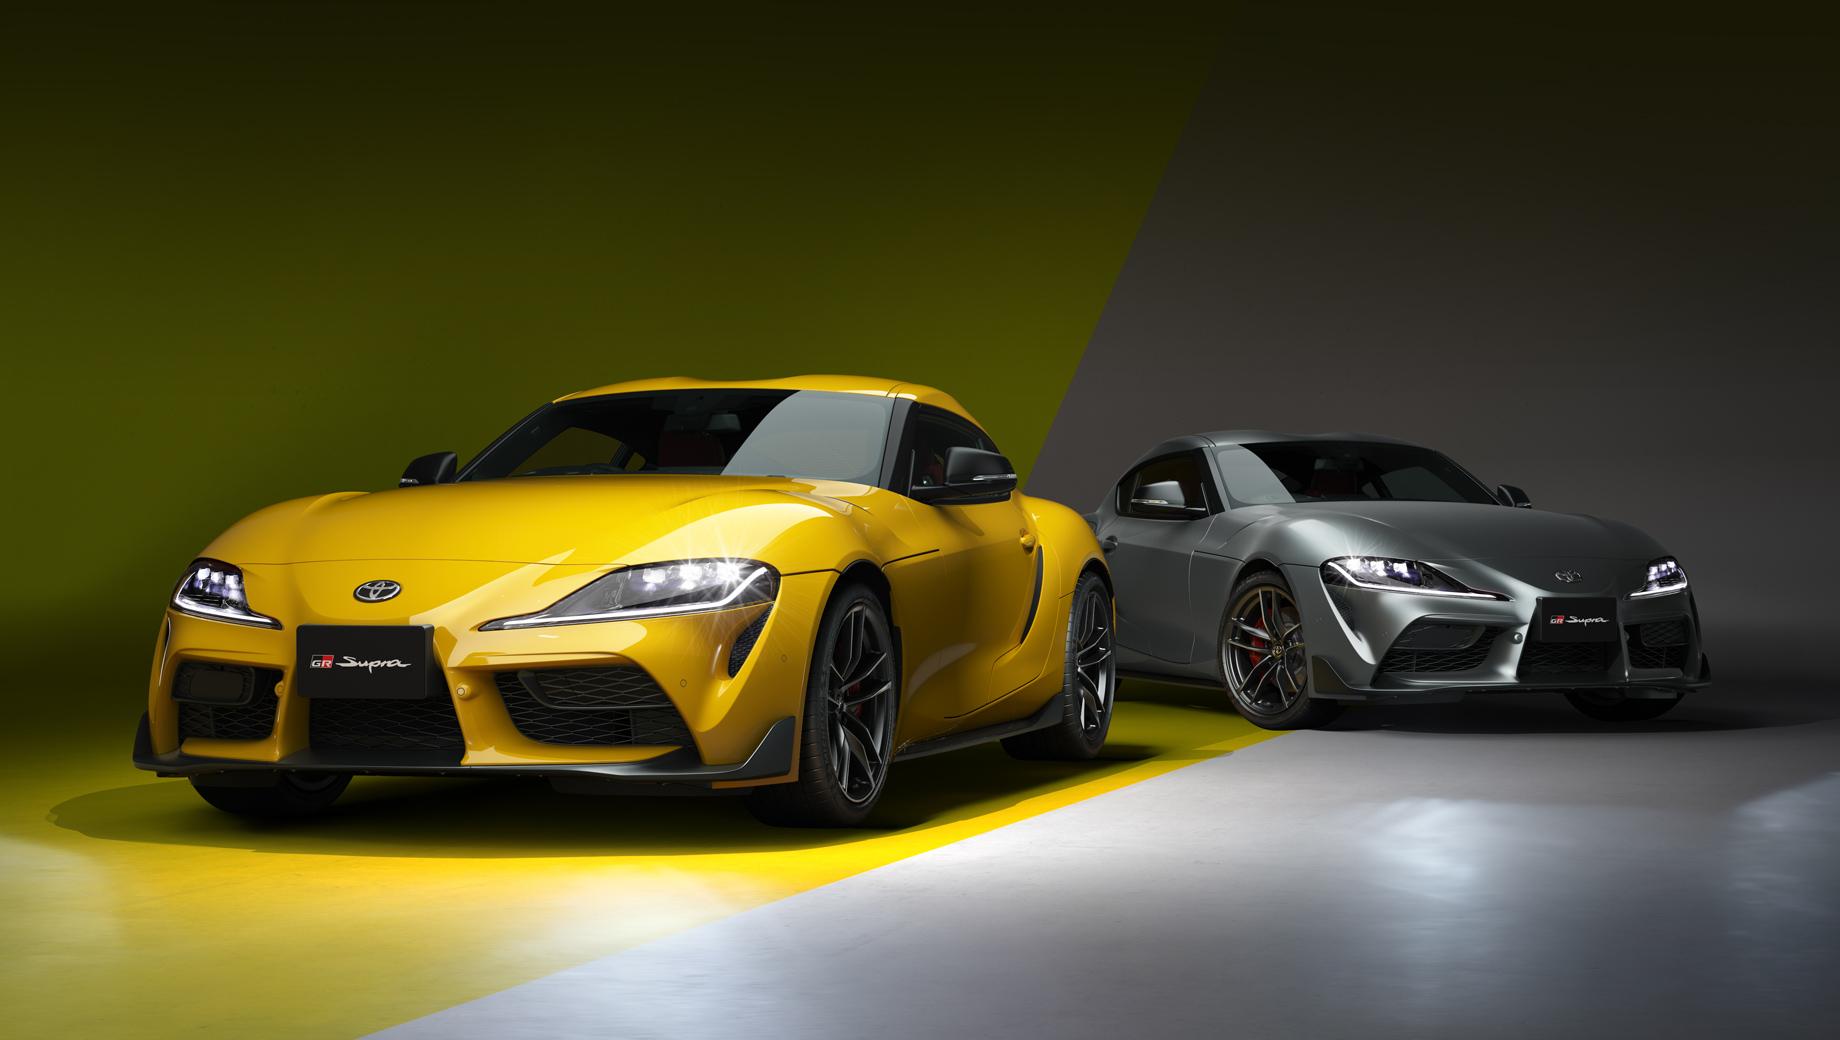 Toyota supra. Спорткары из юбилейной серии в первую очередь отличаются лимитированными цветами кузова и особой отделкой интерьера. Моторов имеется два на выбор, а восьмидиапазонный «автомат» и задний привод подразумеваются во всех случаях.